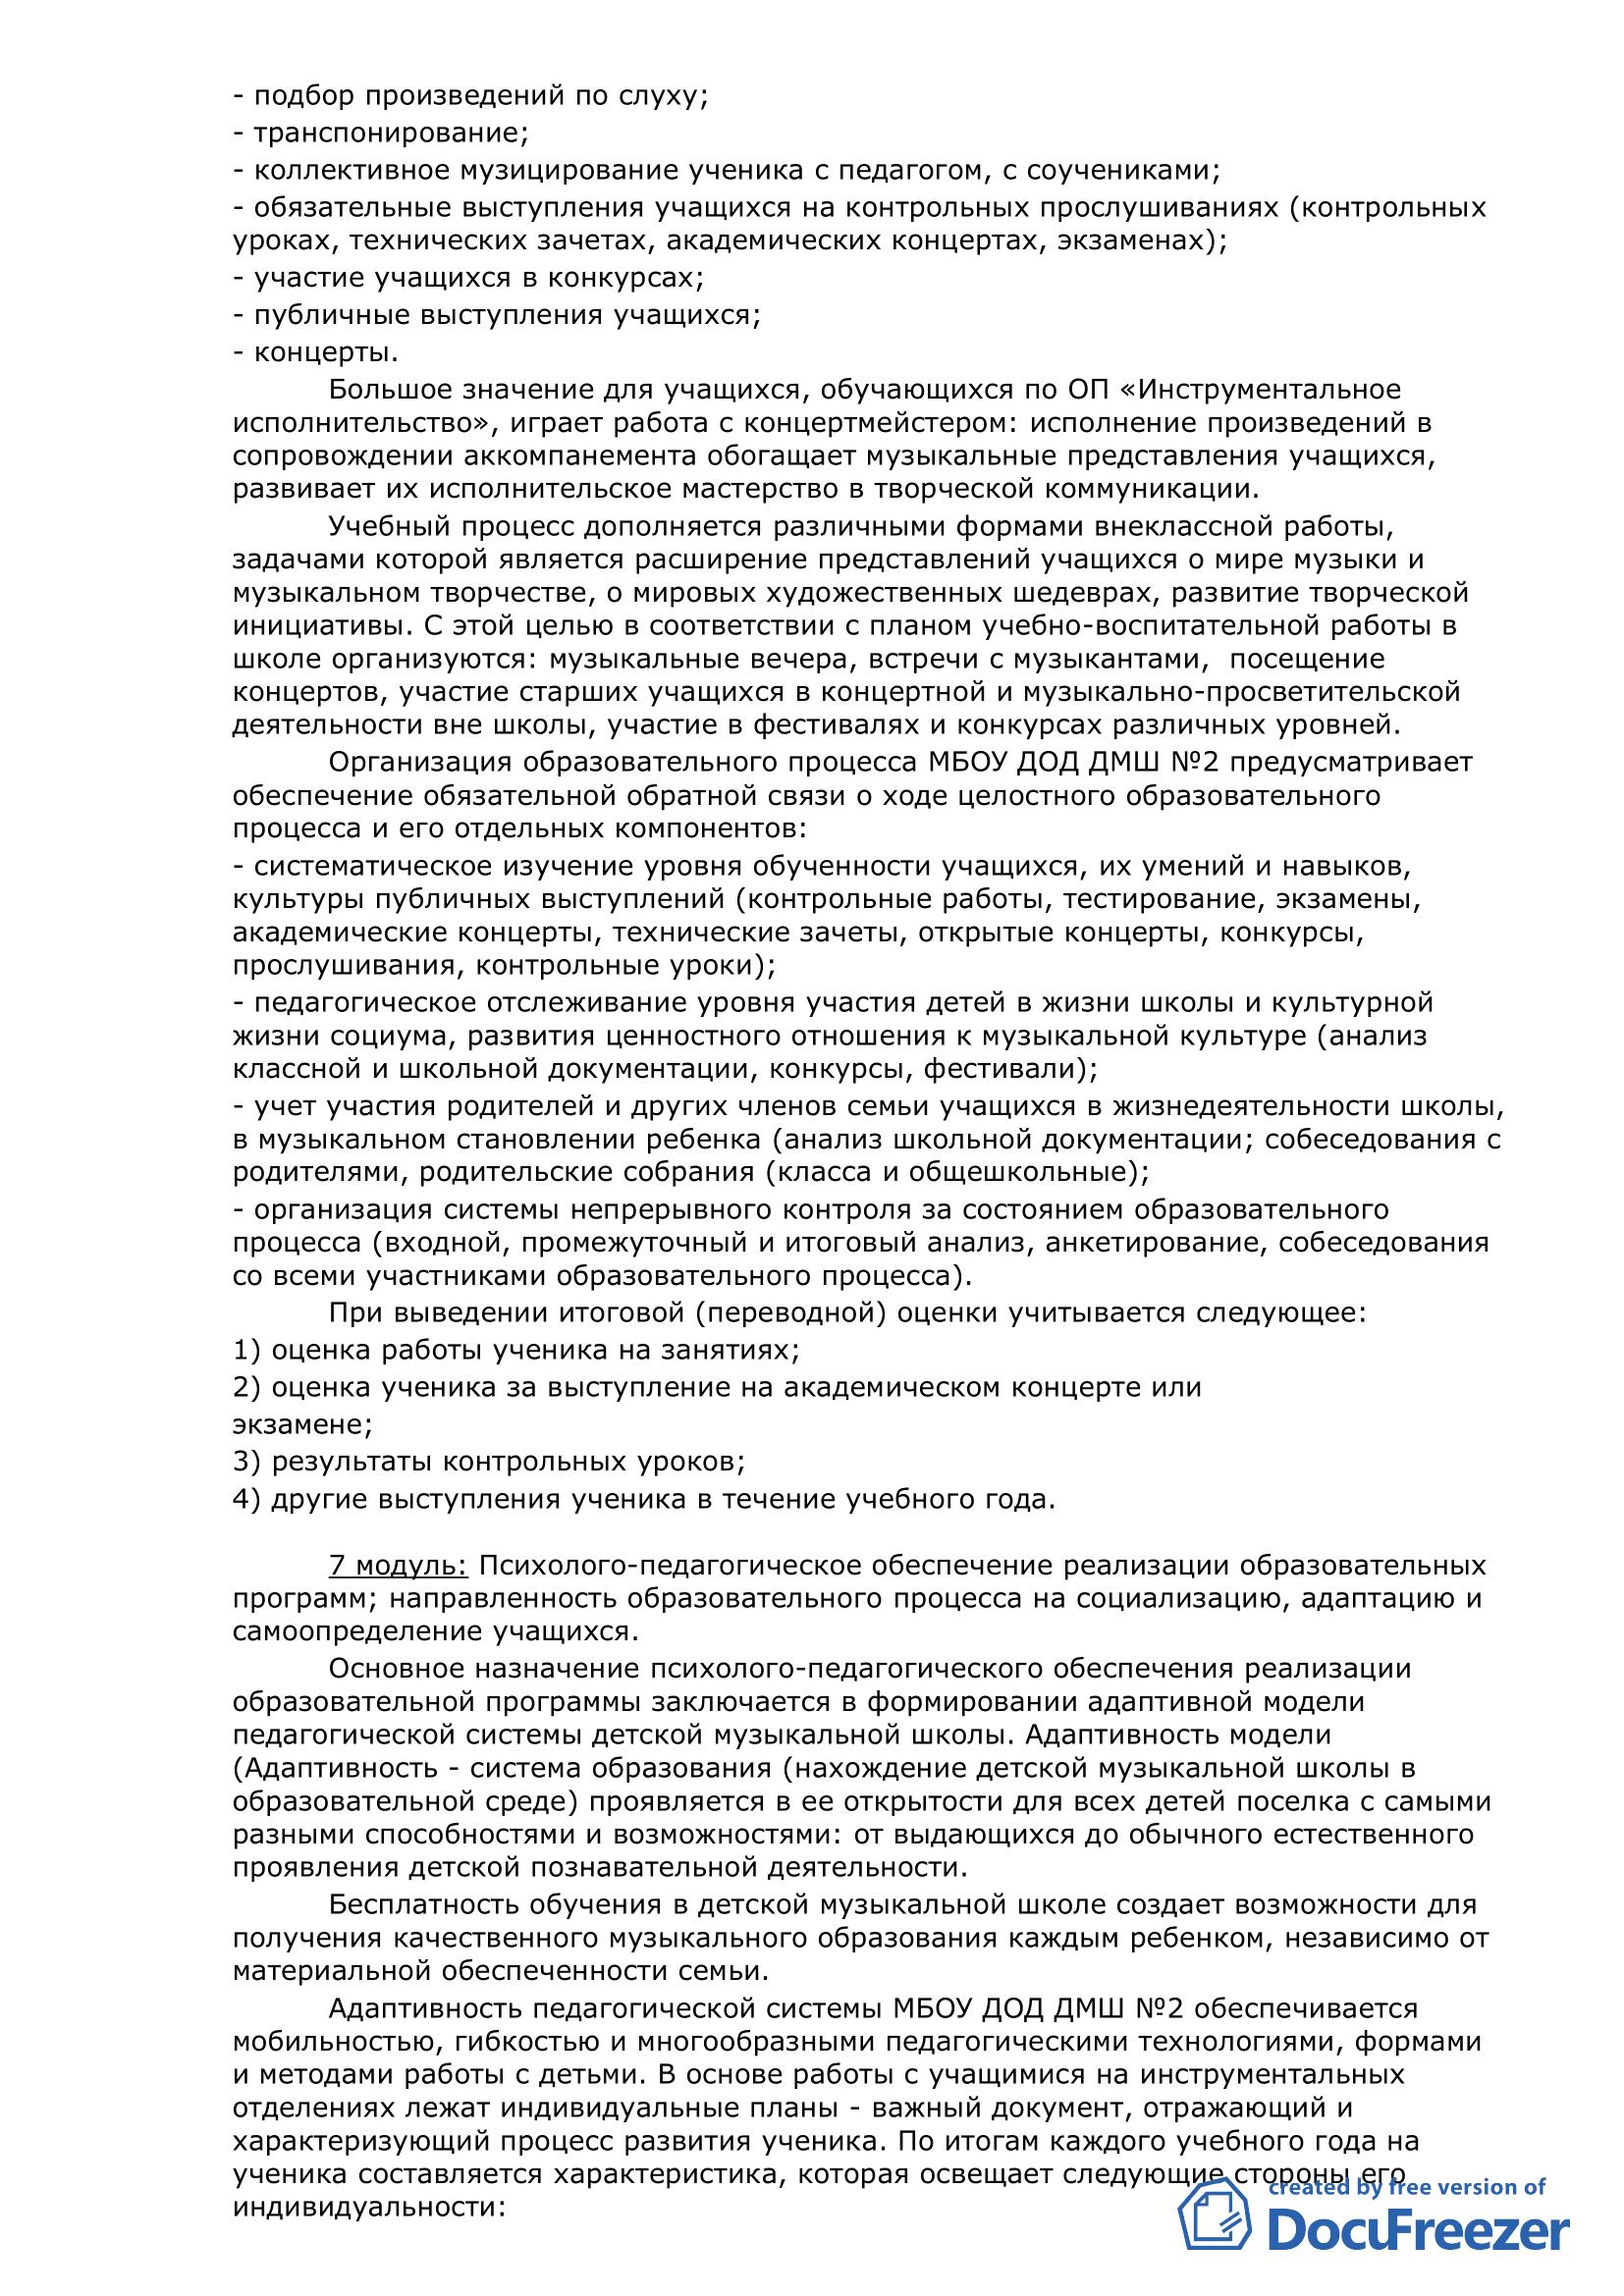 Образовательная программа ДМШ №2_9